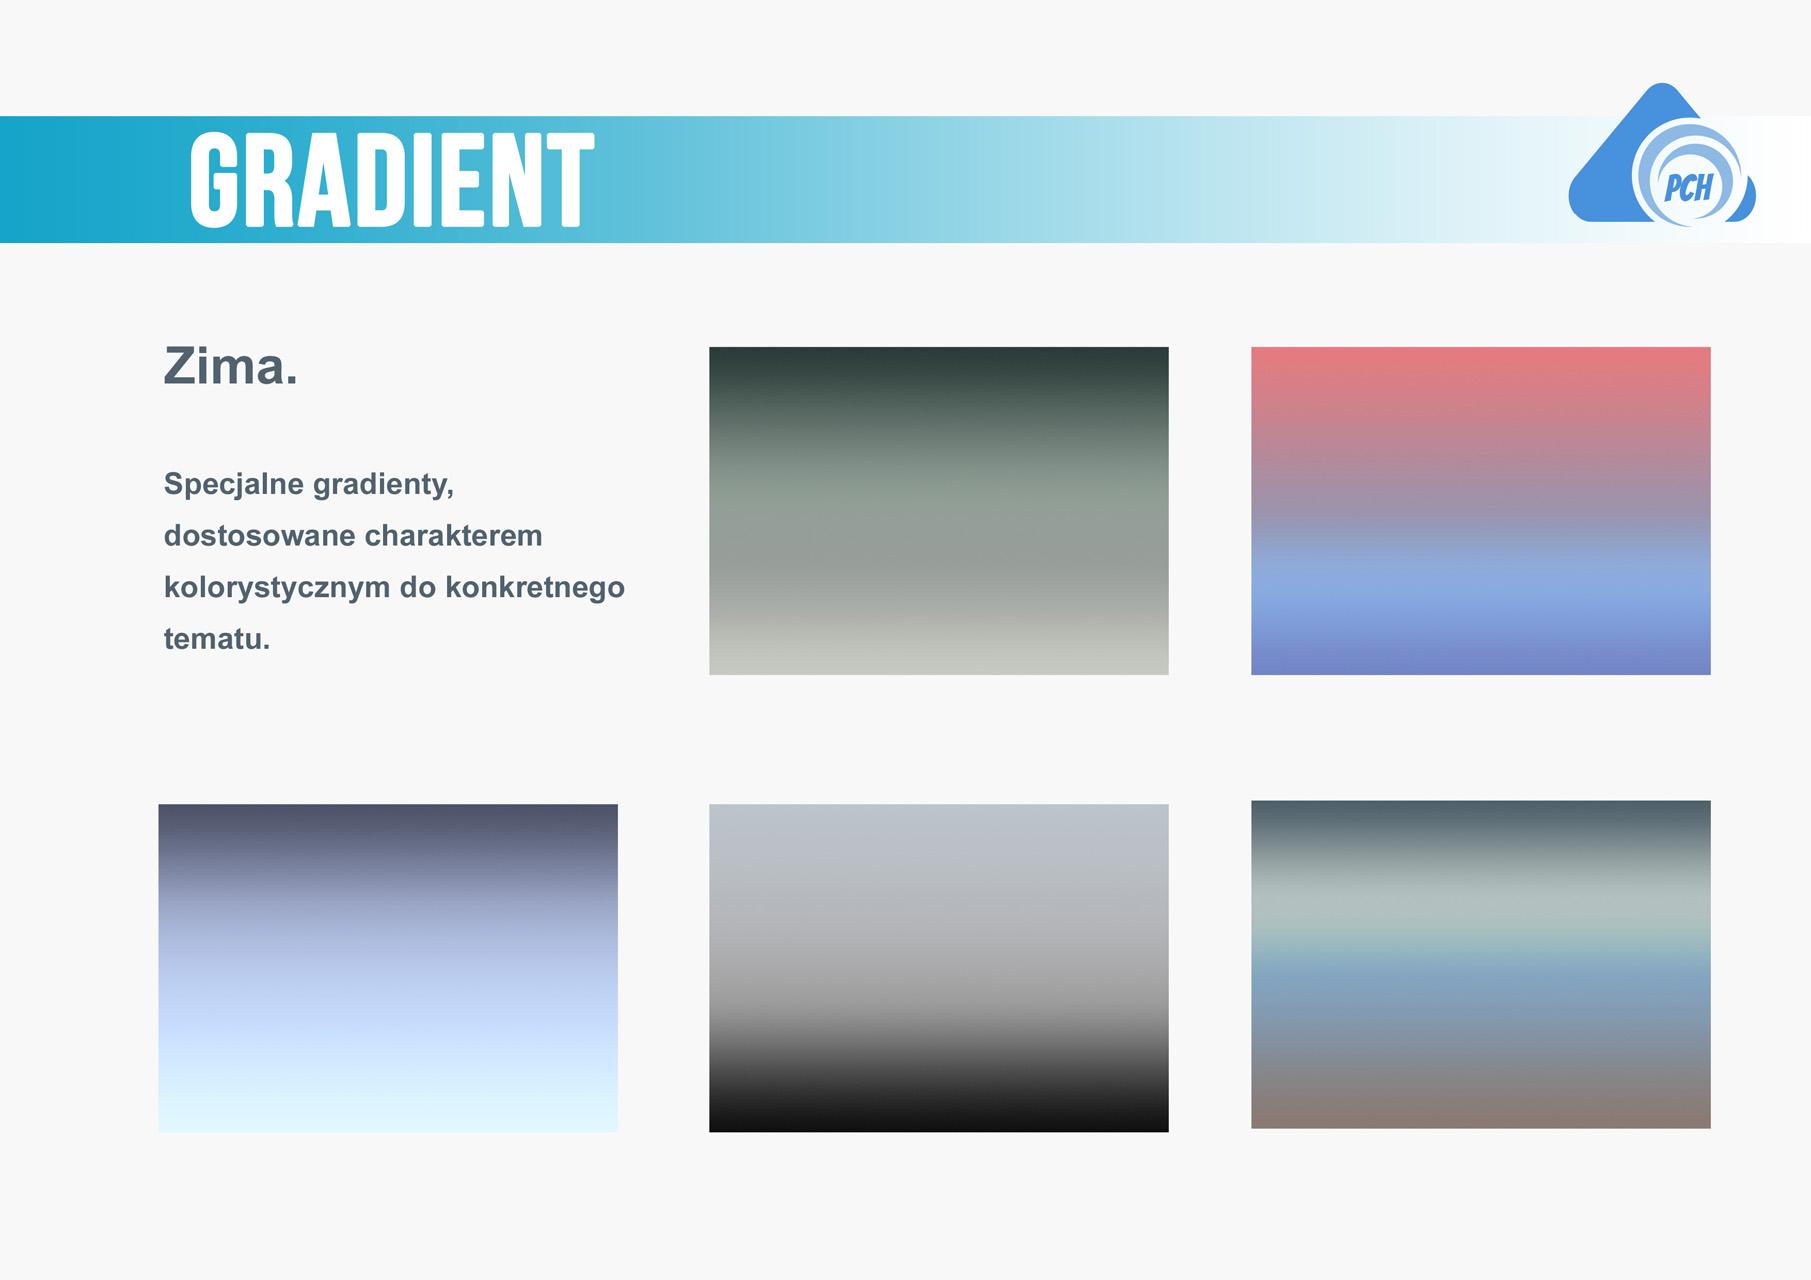 pp4-gradient-12